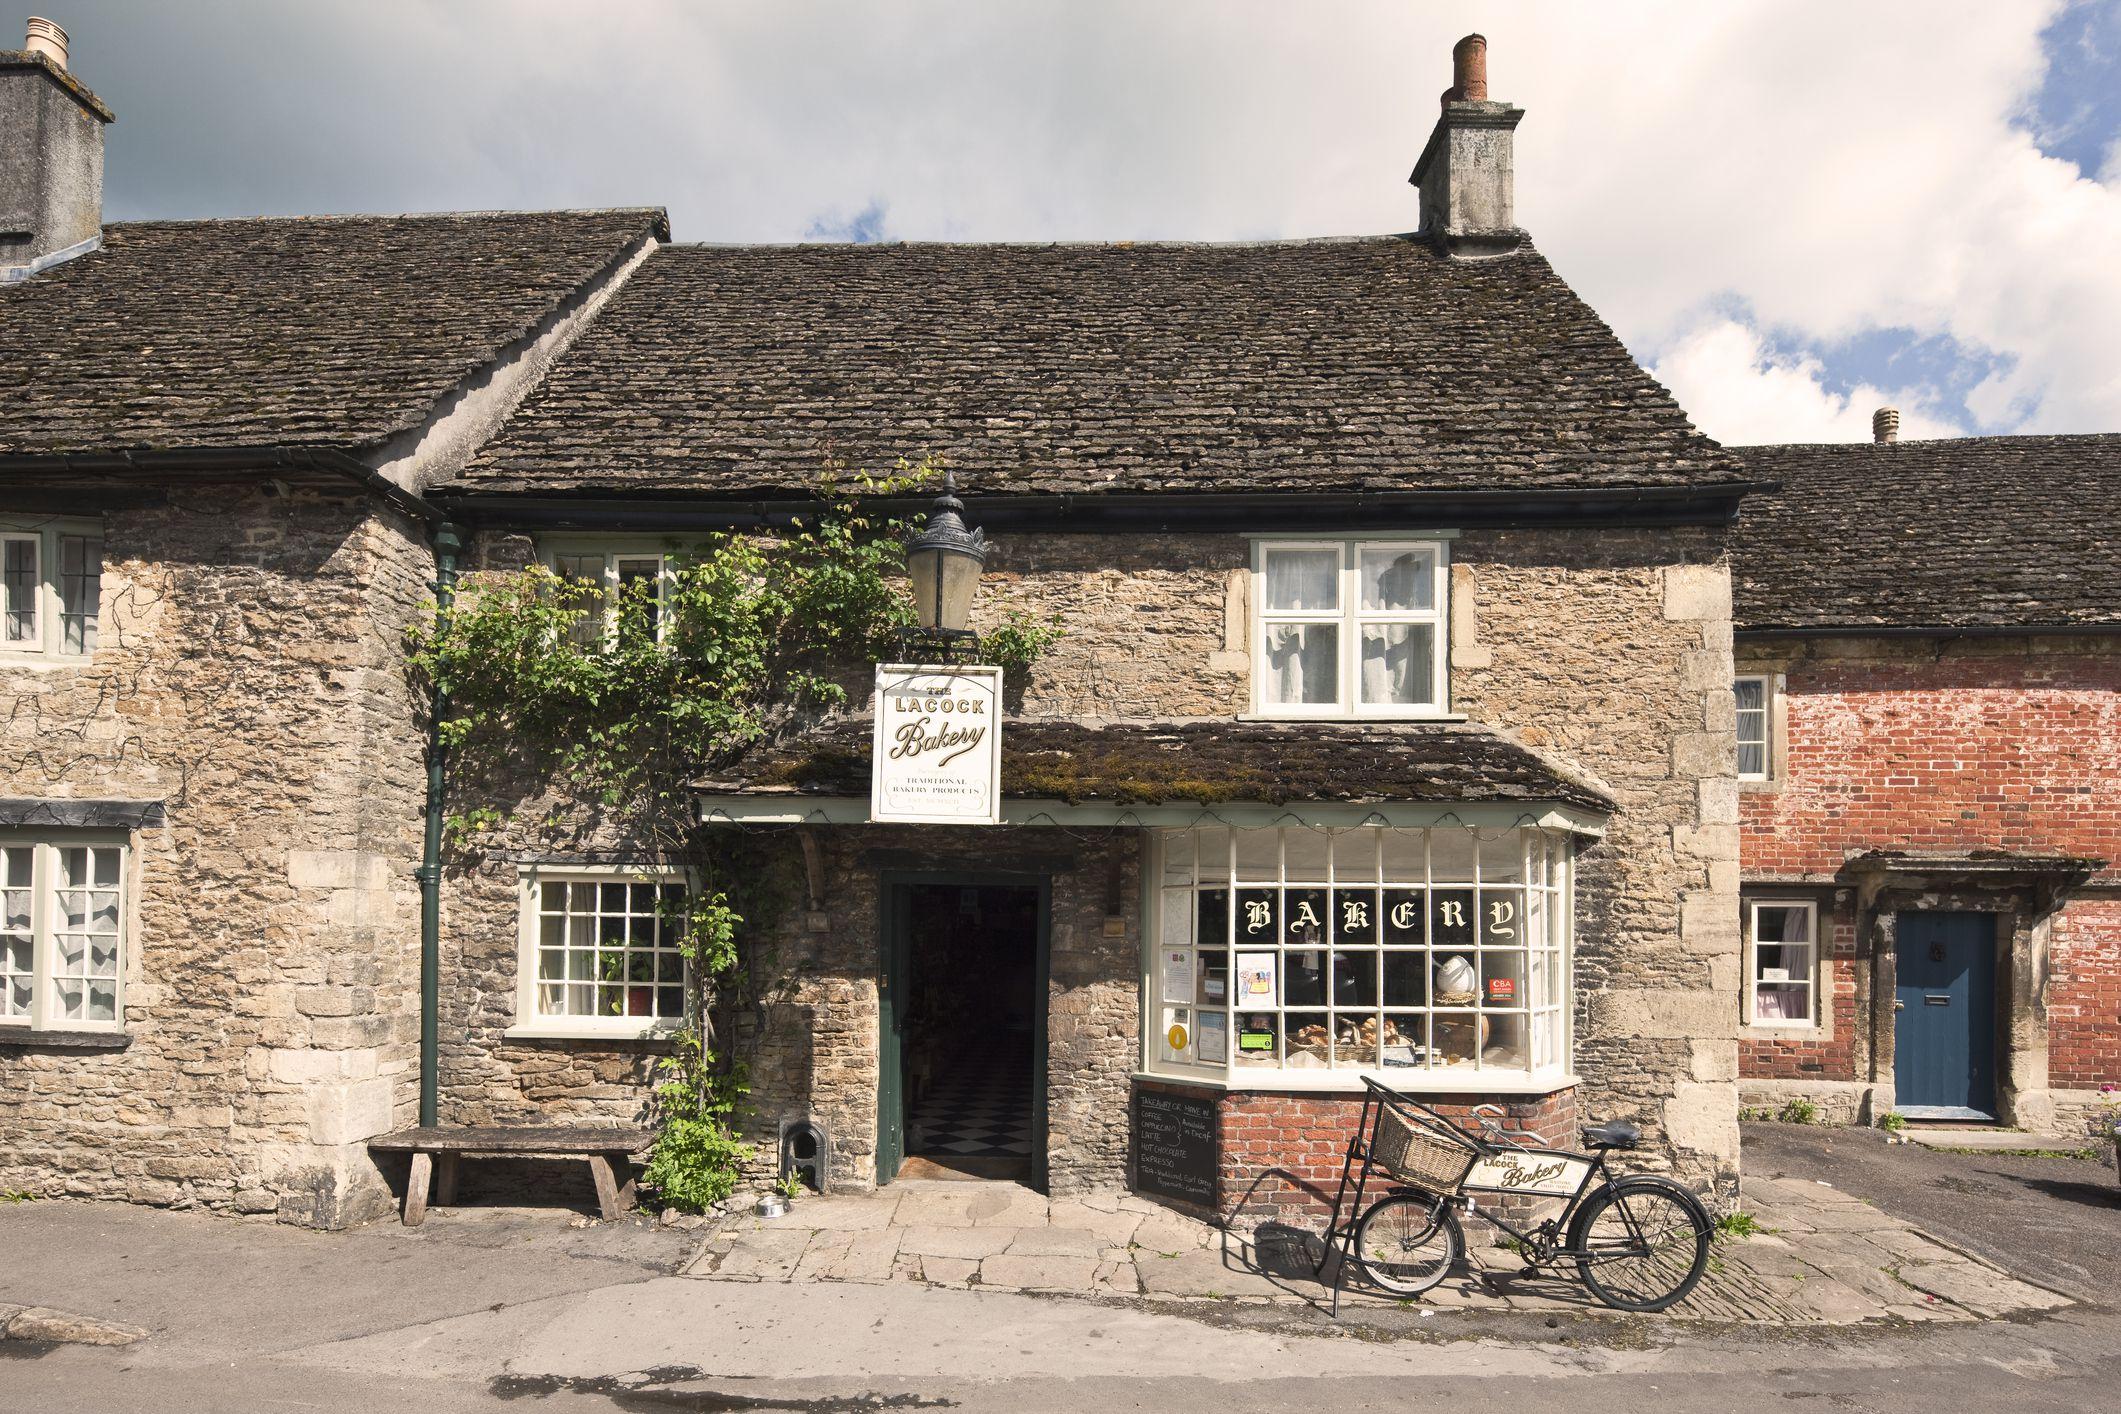 Lacock village bakery, Lacock, Wiltshire, England